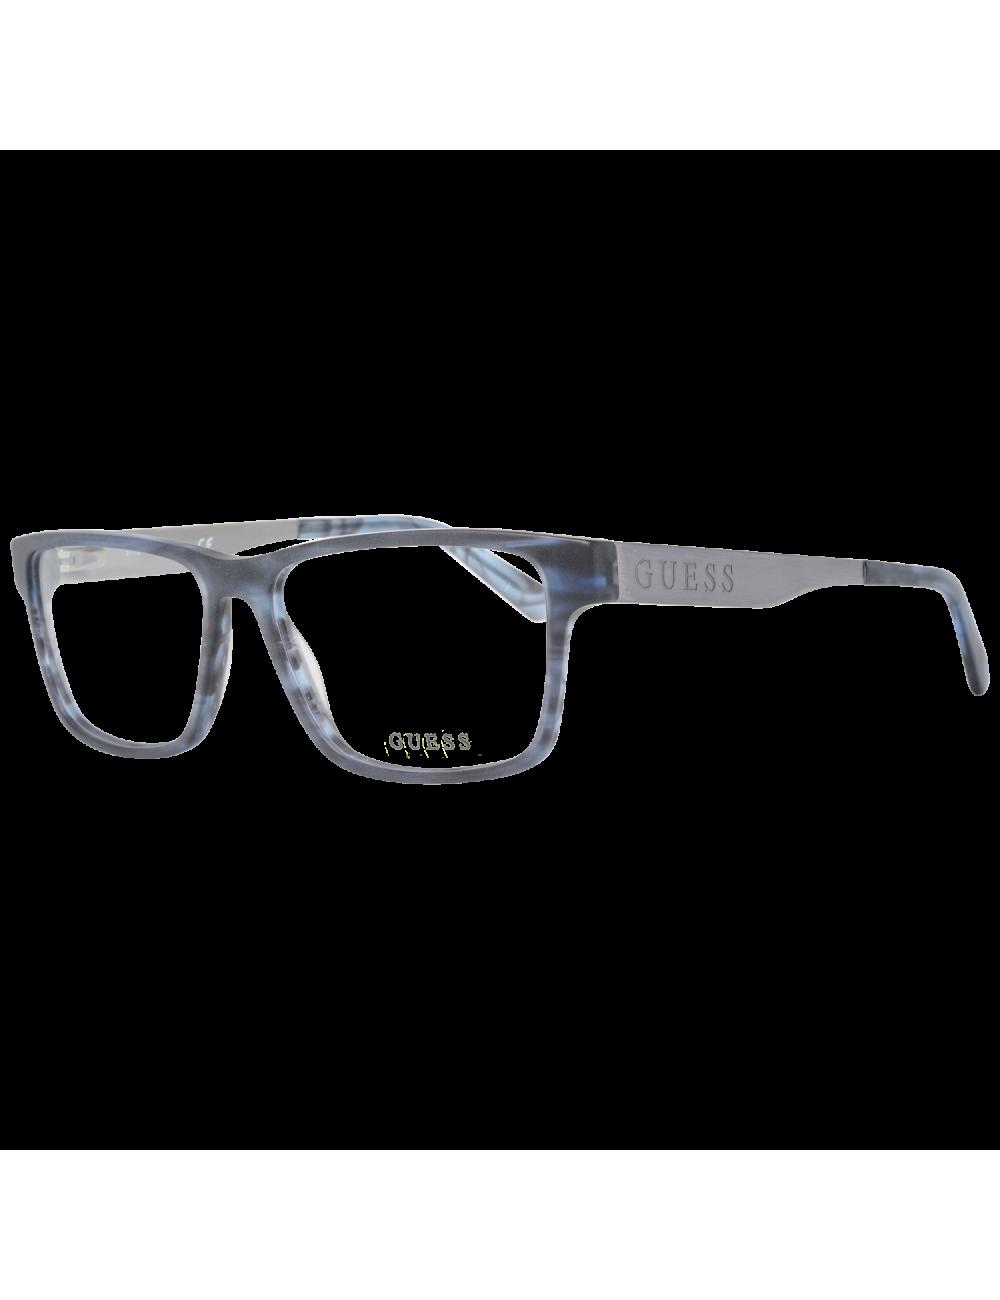 Guess Optical Frame GU1995 092 56